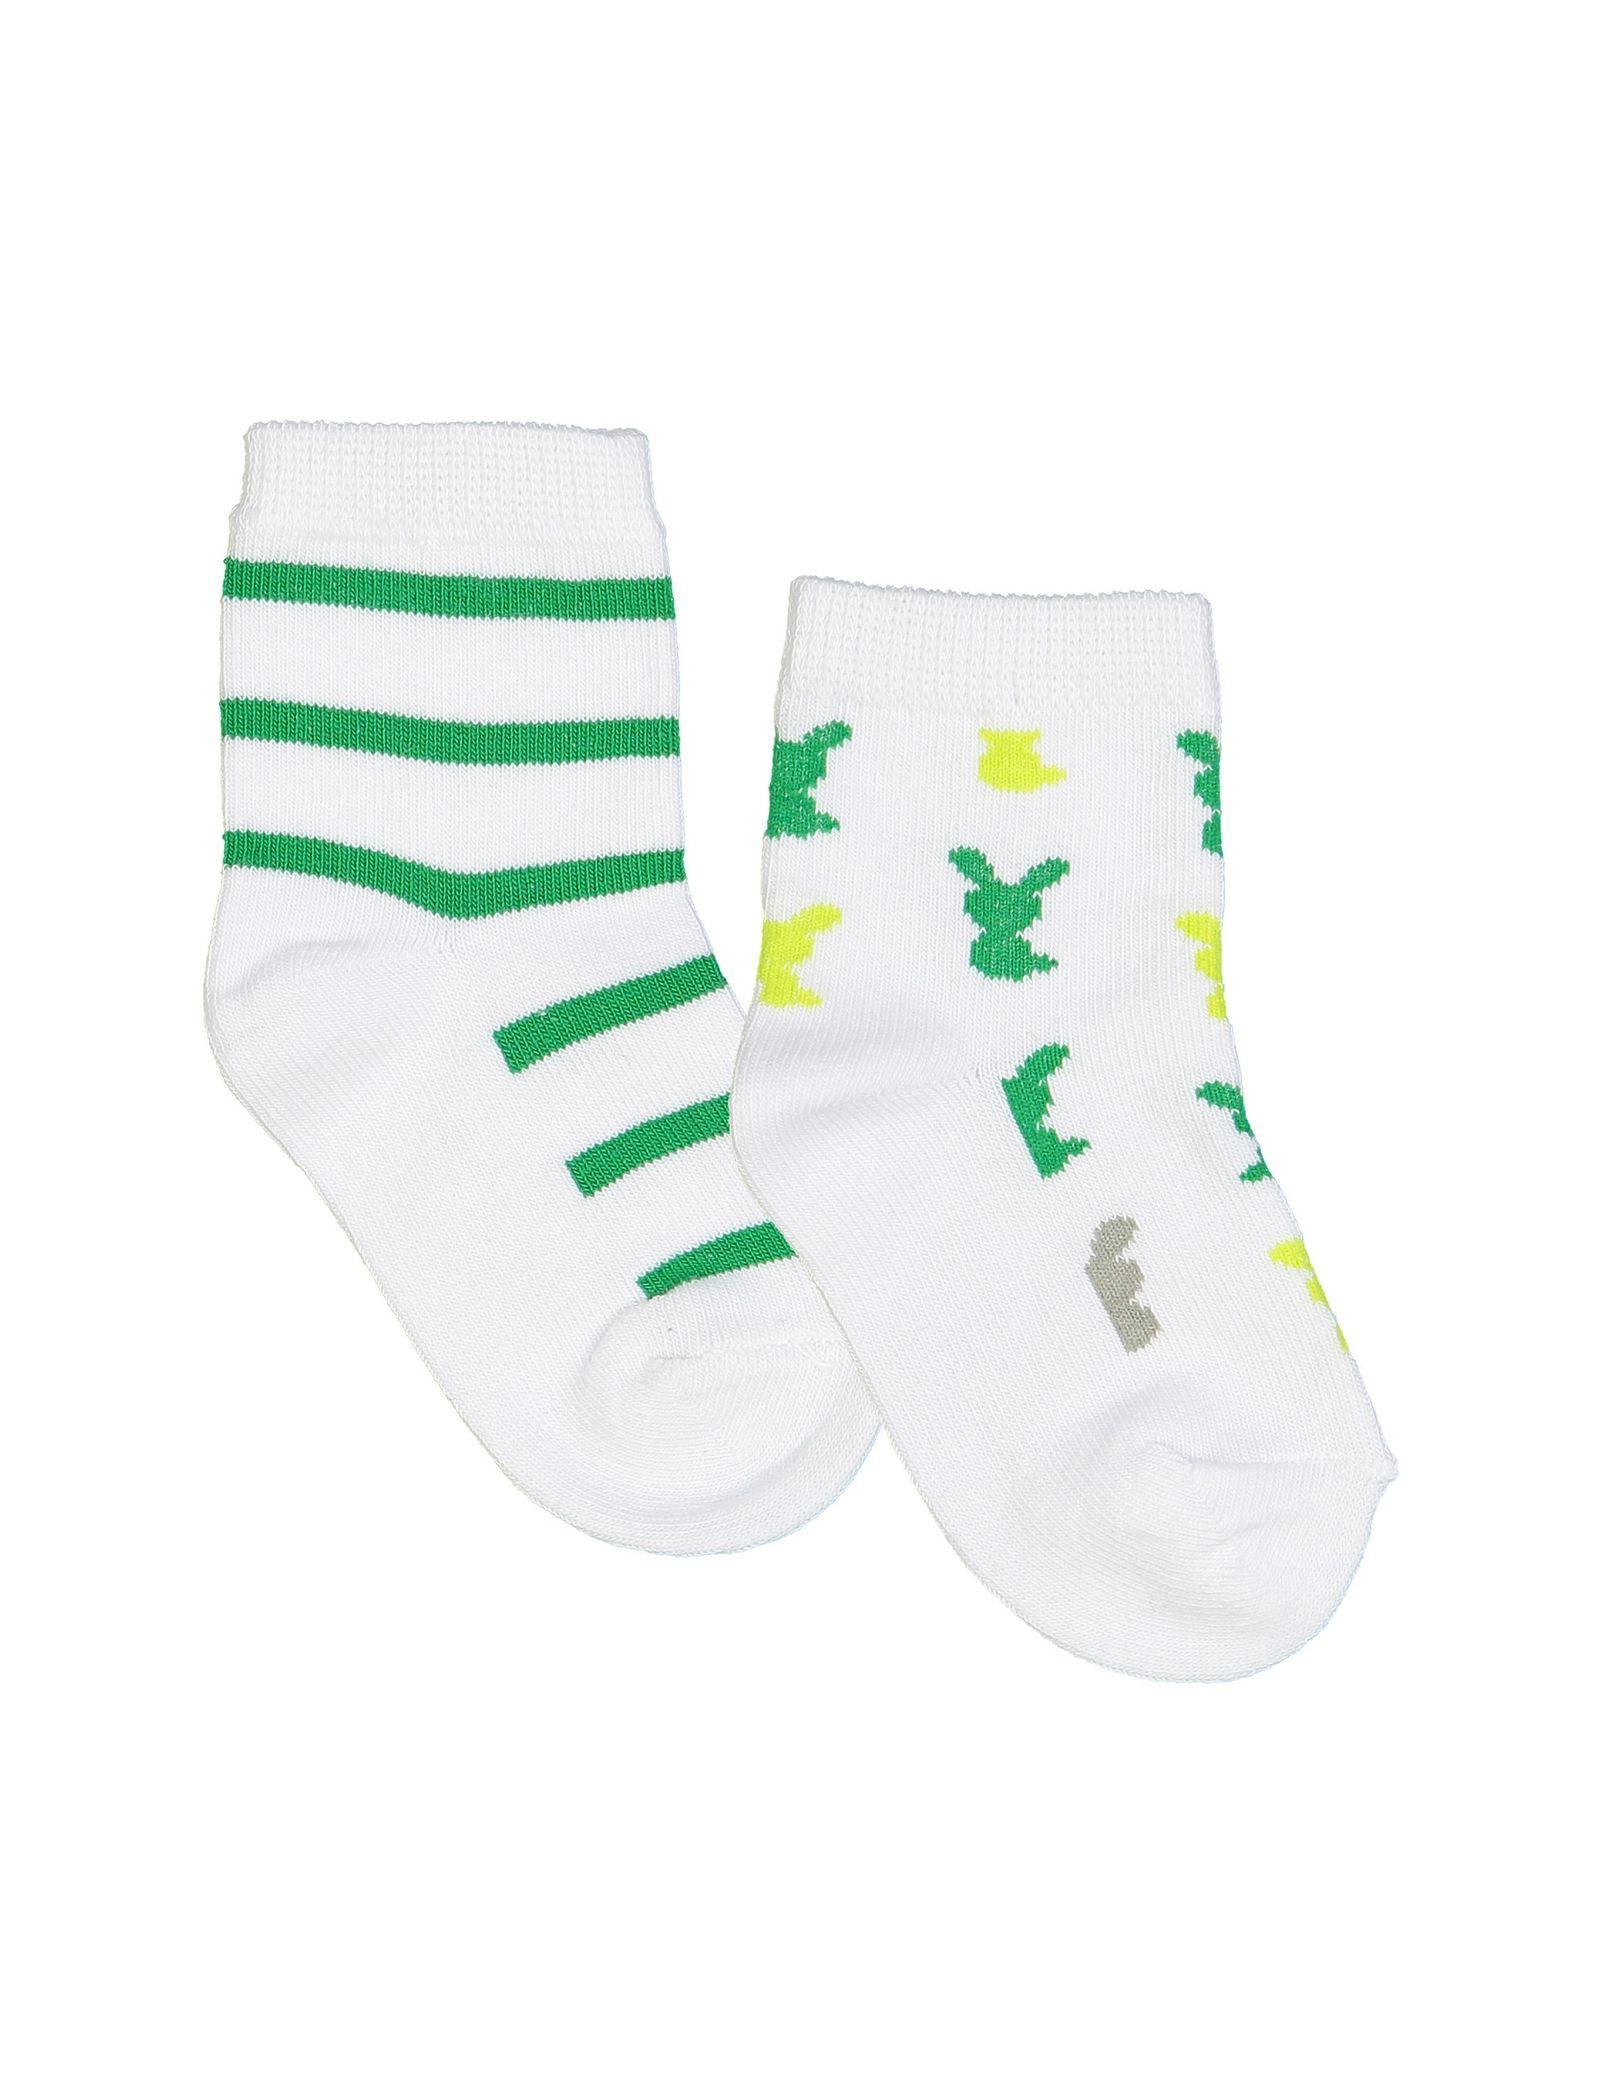 جوراب نخی طرح دار نوزادی بسته 2 عددی - ارکسترا - سفيد - 1